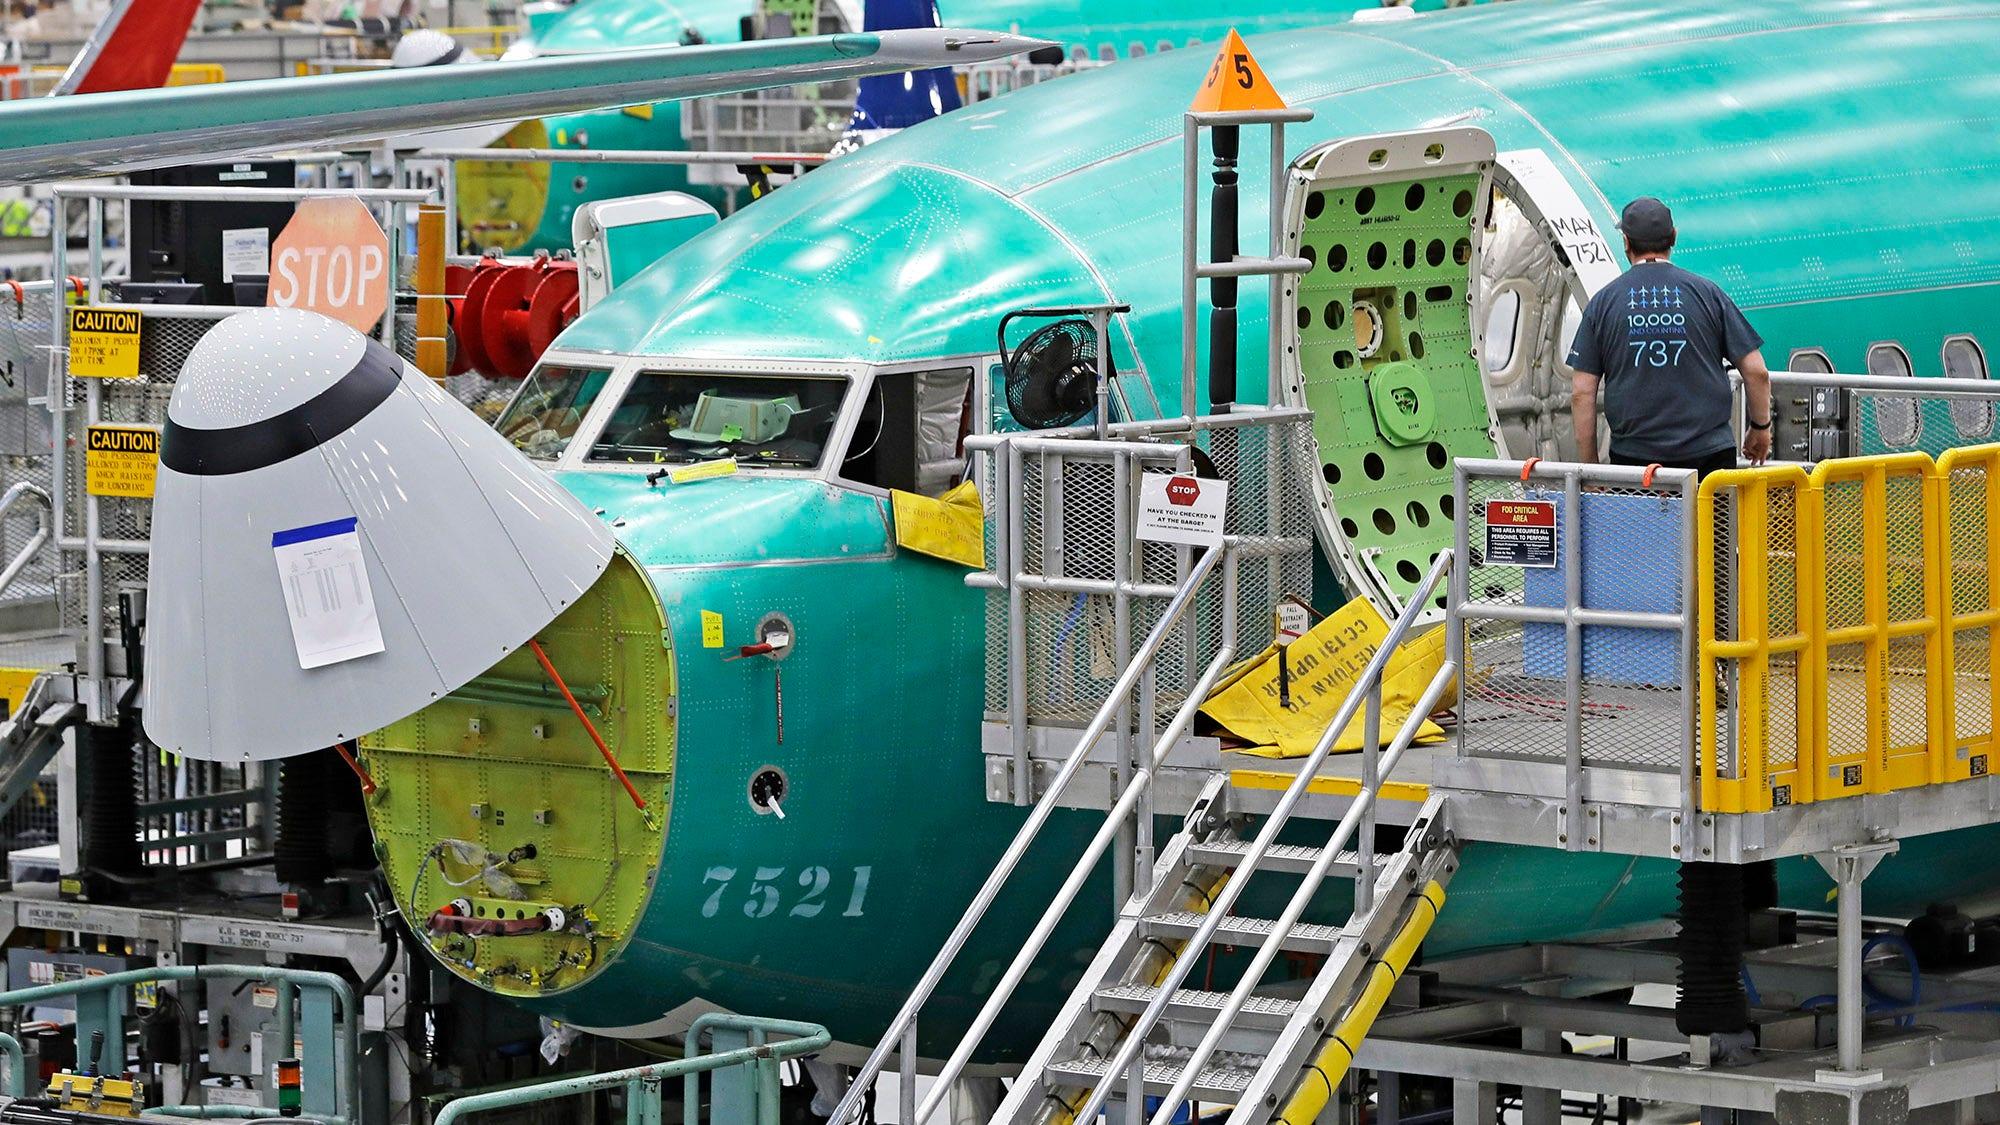 Boeing confirms SEC investigating disclosures around 737 Max